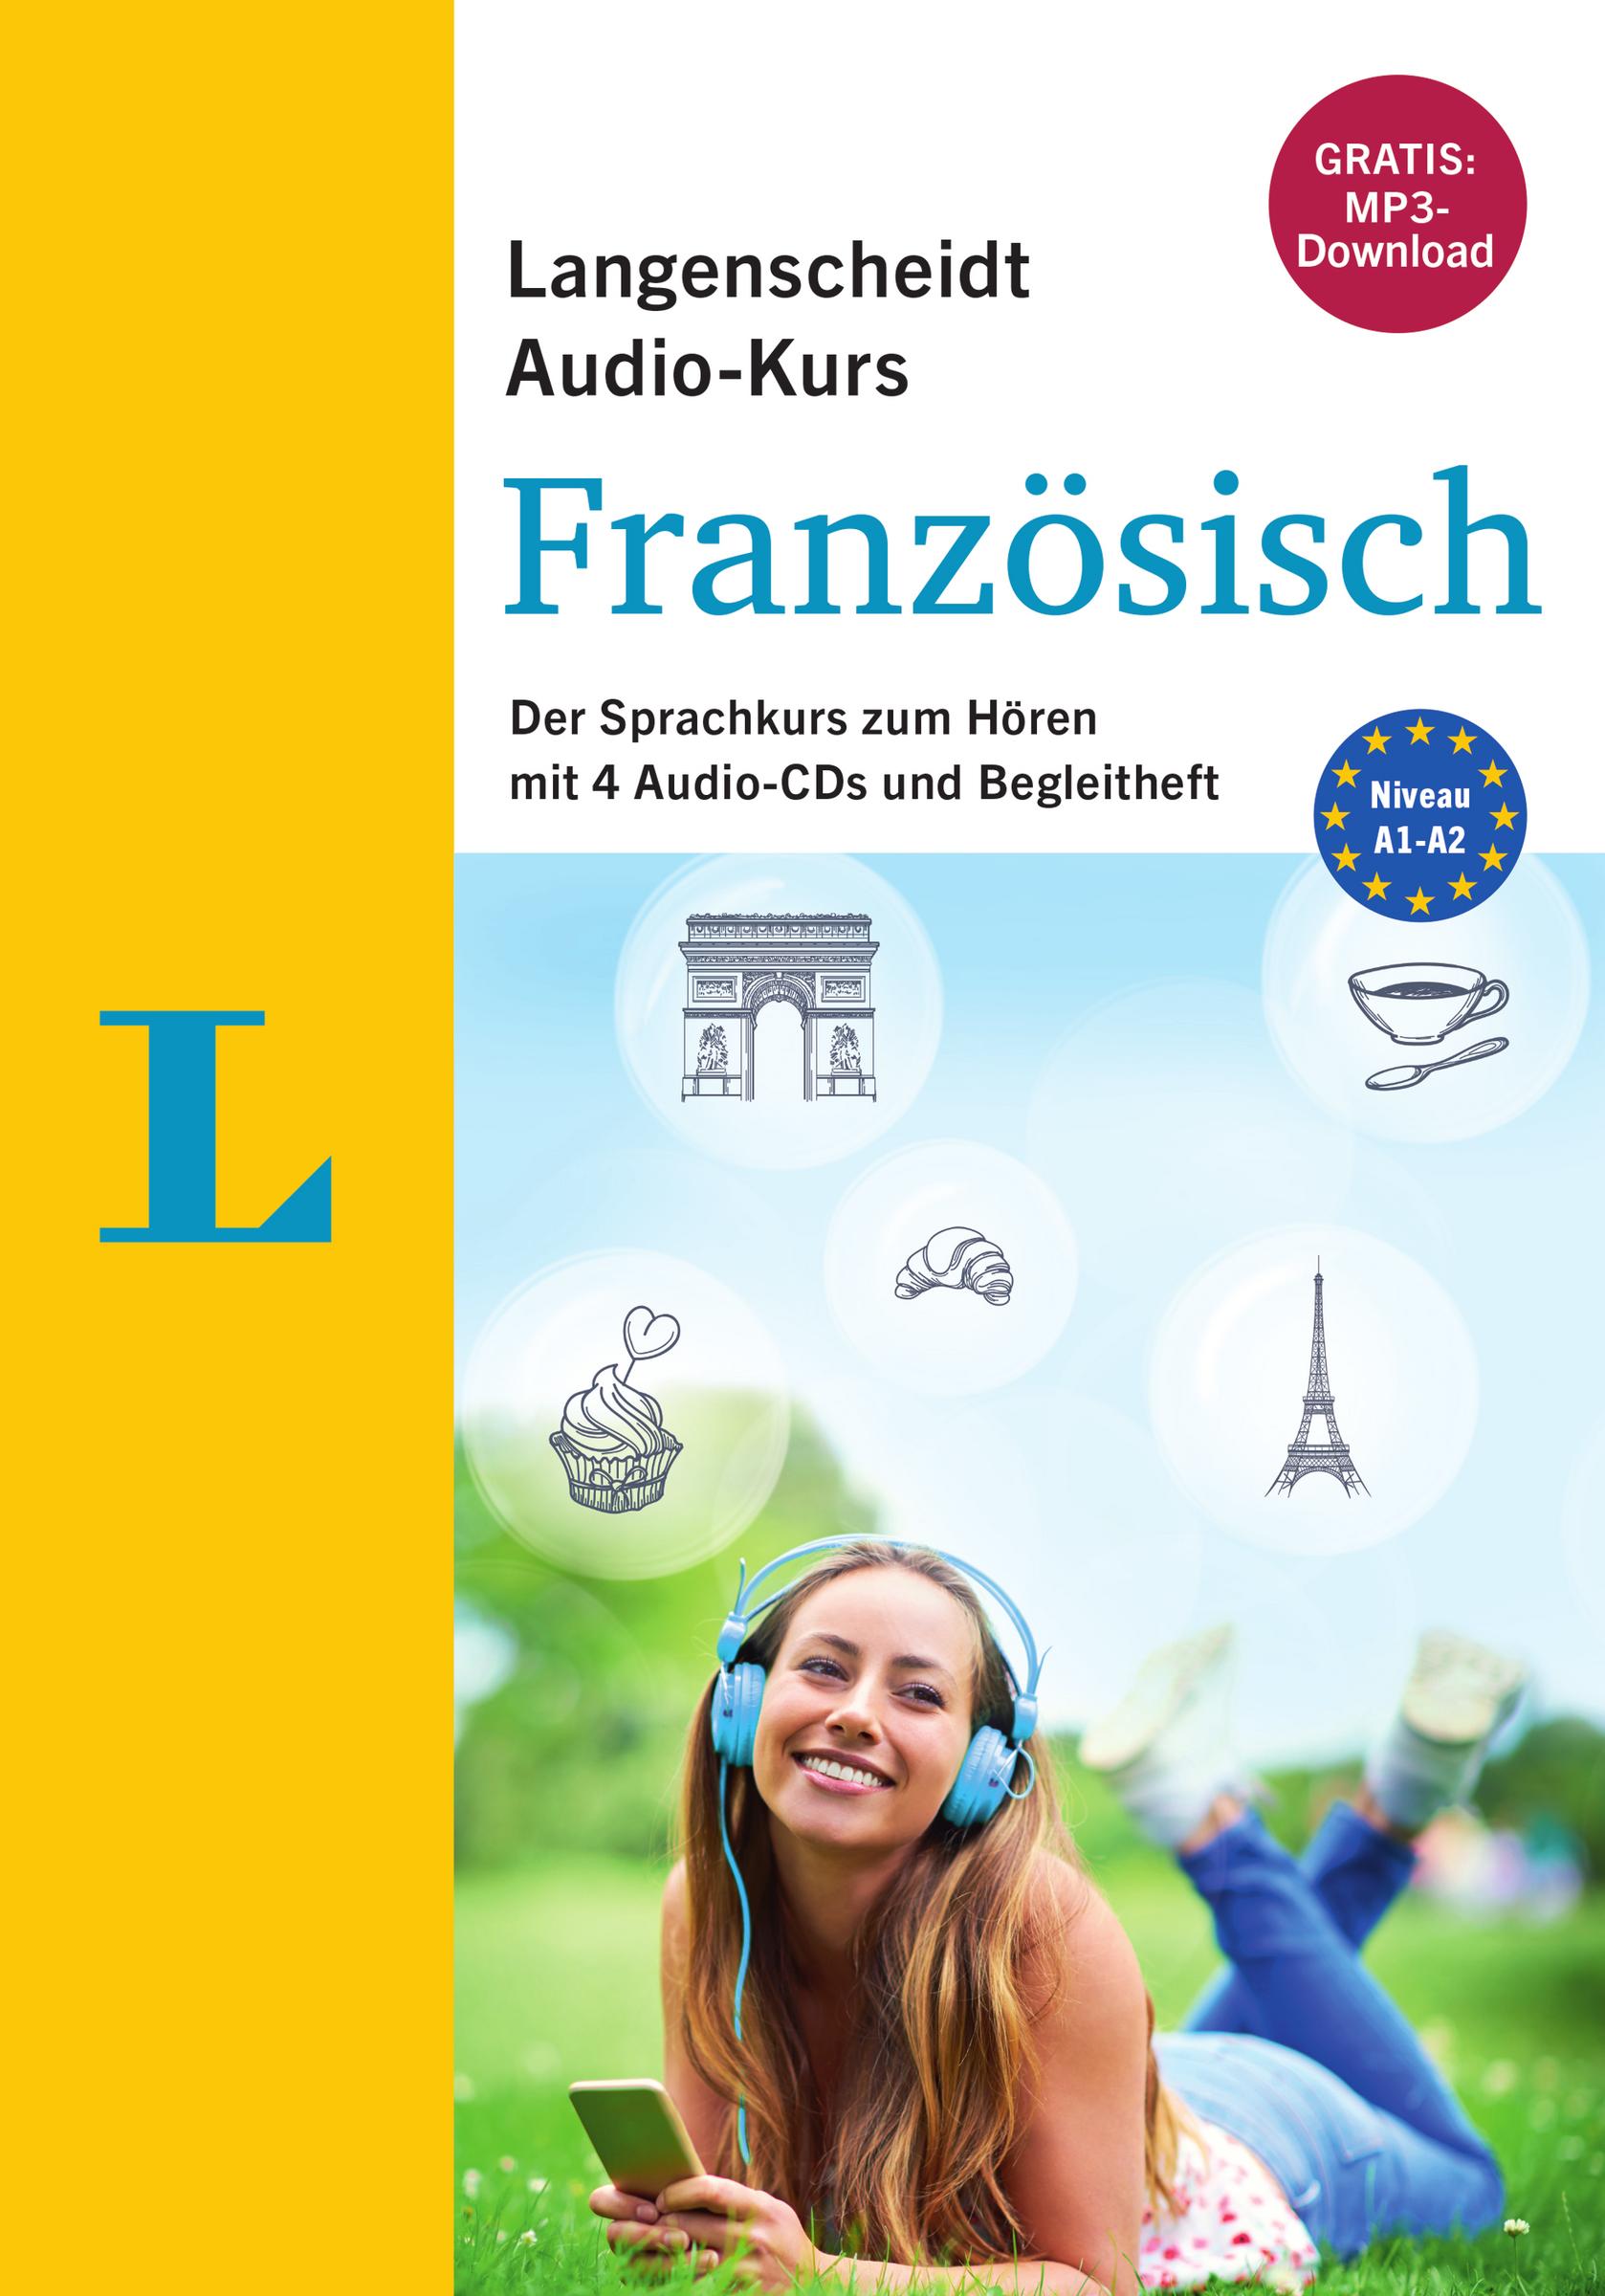 Langenscheidt-Audio-Kurs-Franzoesisch-Audio-CDs-mit-Begleitheft-Redaktion